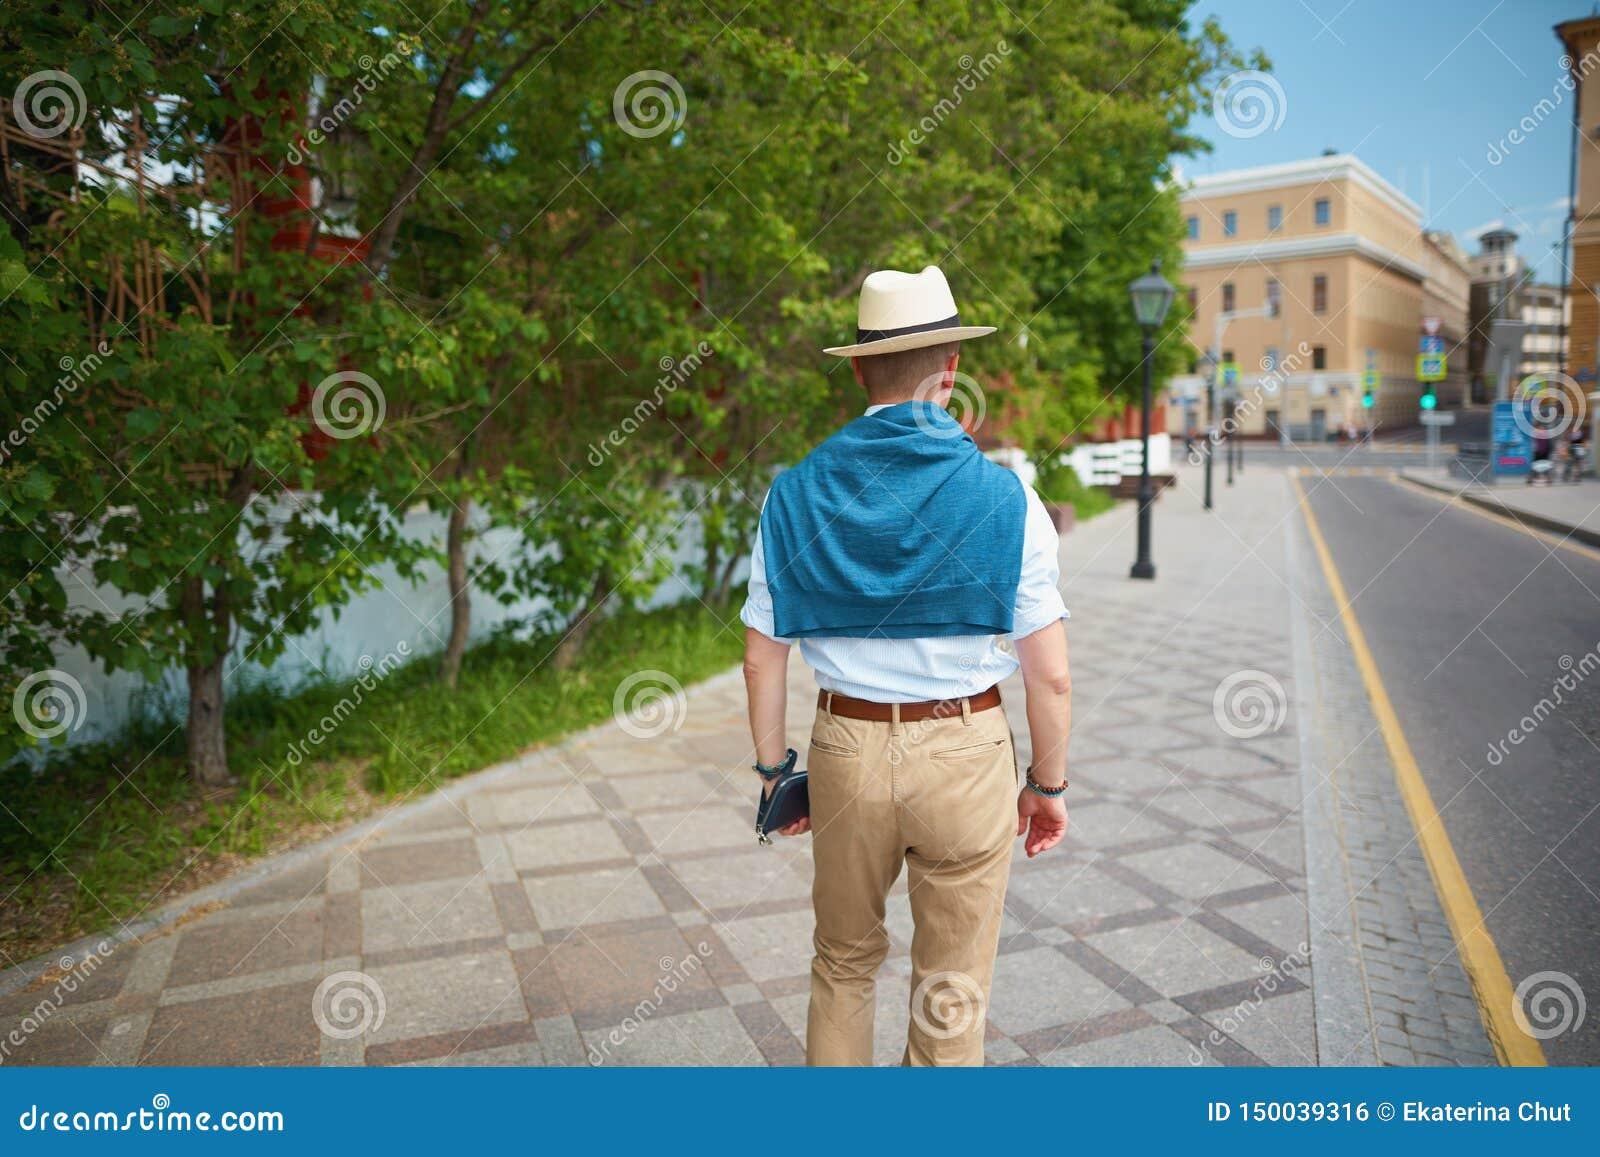 Hombre elegante que camina en una calle de la ciudad